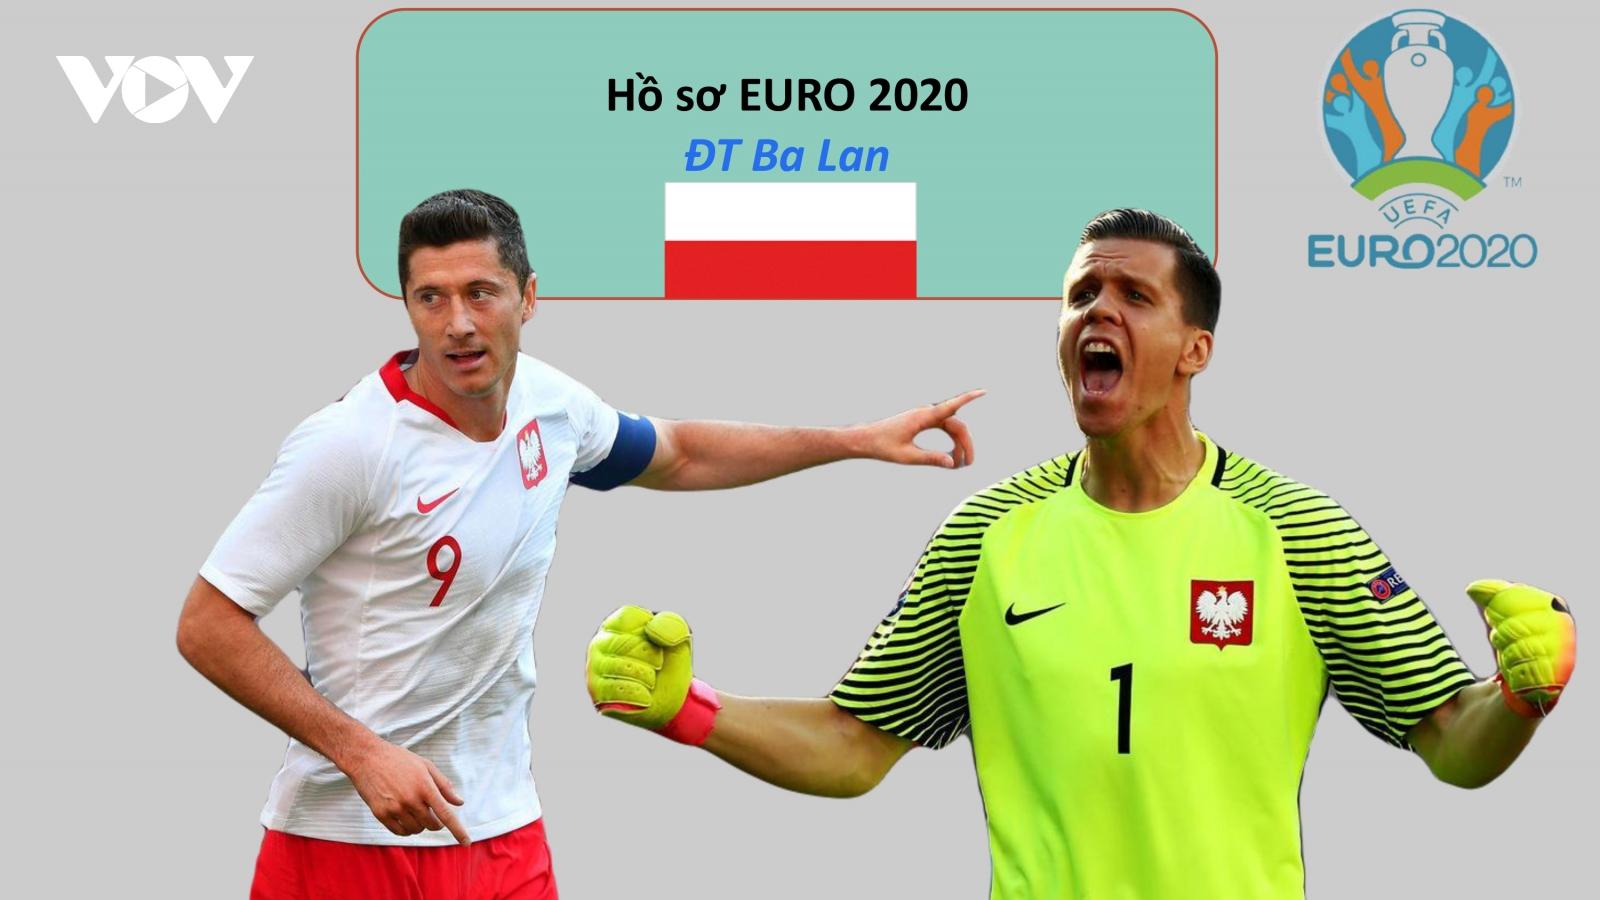 Hồ sơ các ĐT dự EURO 2020: Đội tuyển Ba Lan